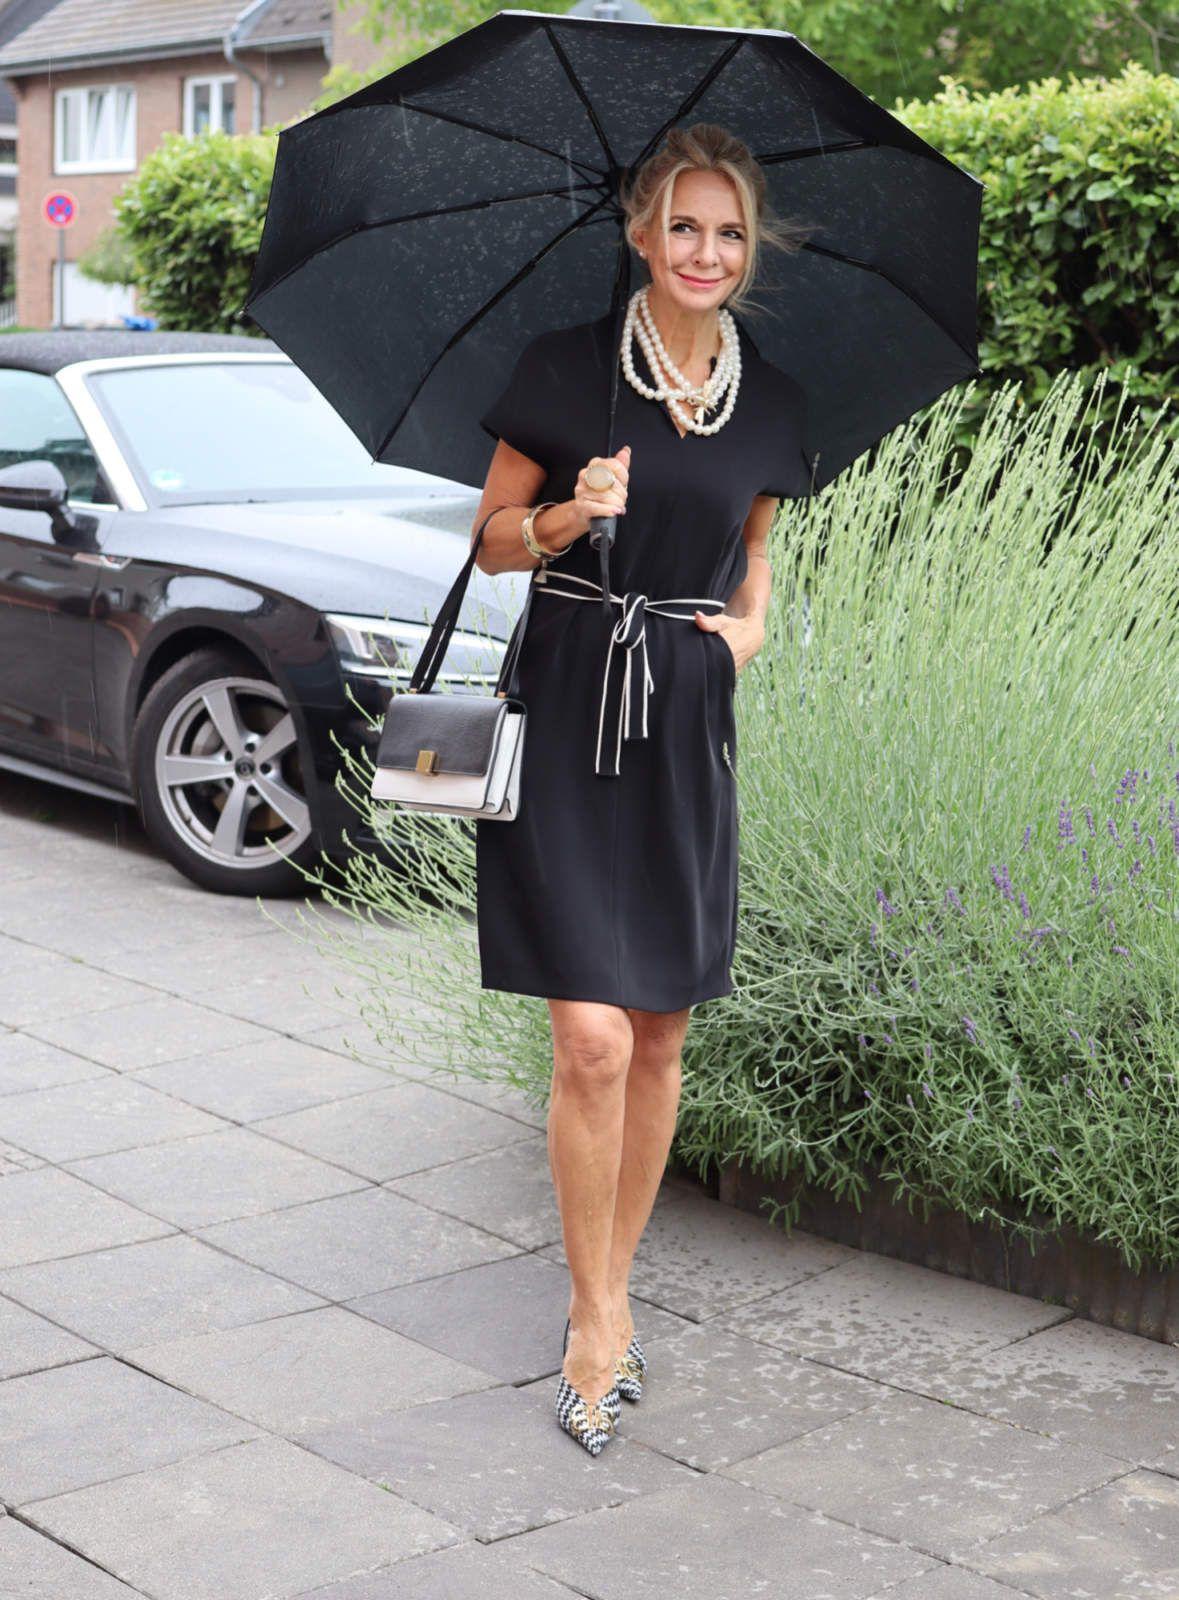 Mode Ist Veranderung Und Bibi Horst Liebt Die Unterschiedlichsten Styles Nur Ihrem Stil Bleibt Sie Immer Treu Stilexperte Fur Styling Und Anti Aging 45 Outfit Ideen Damen Kleidung Fur Frauen Uber 50 Modeideen